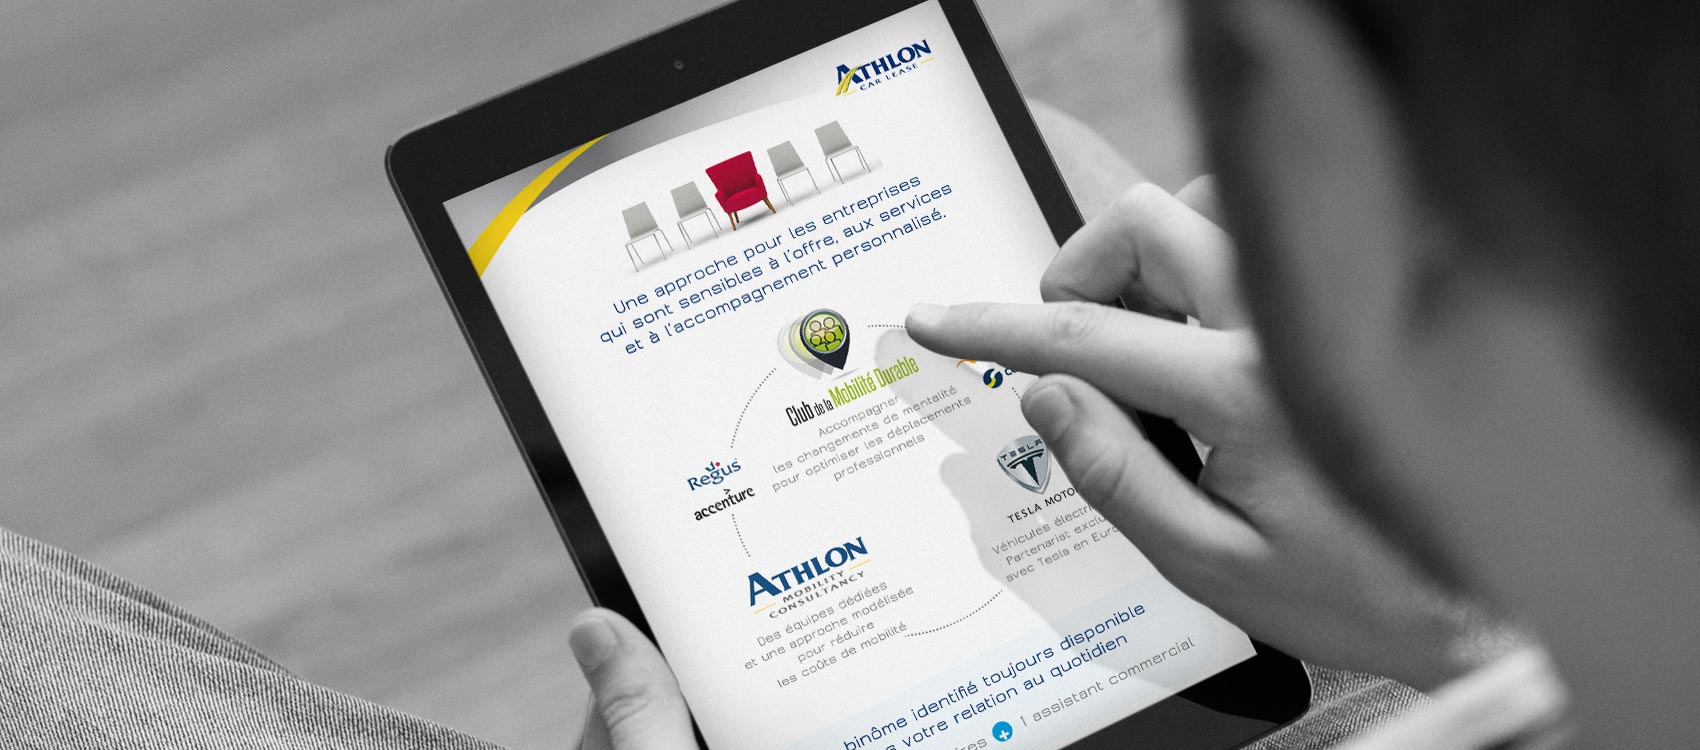 Athlon Car Lease presentation PDF